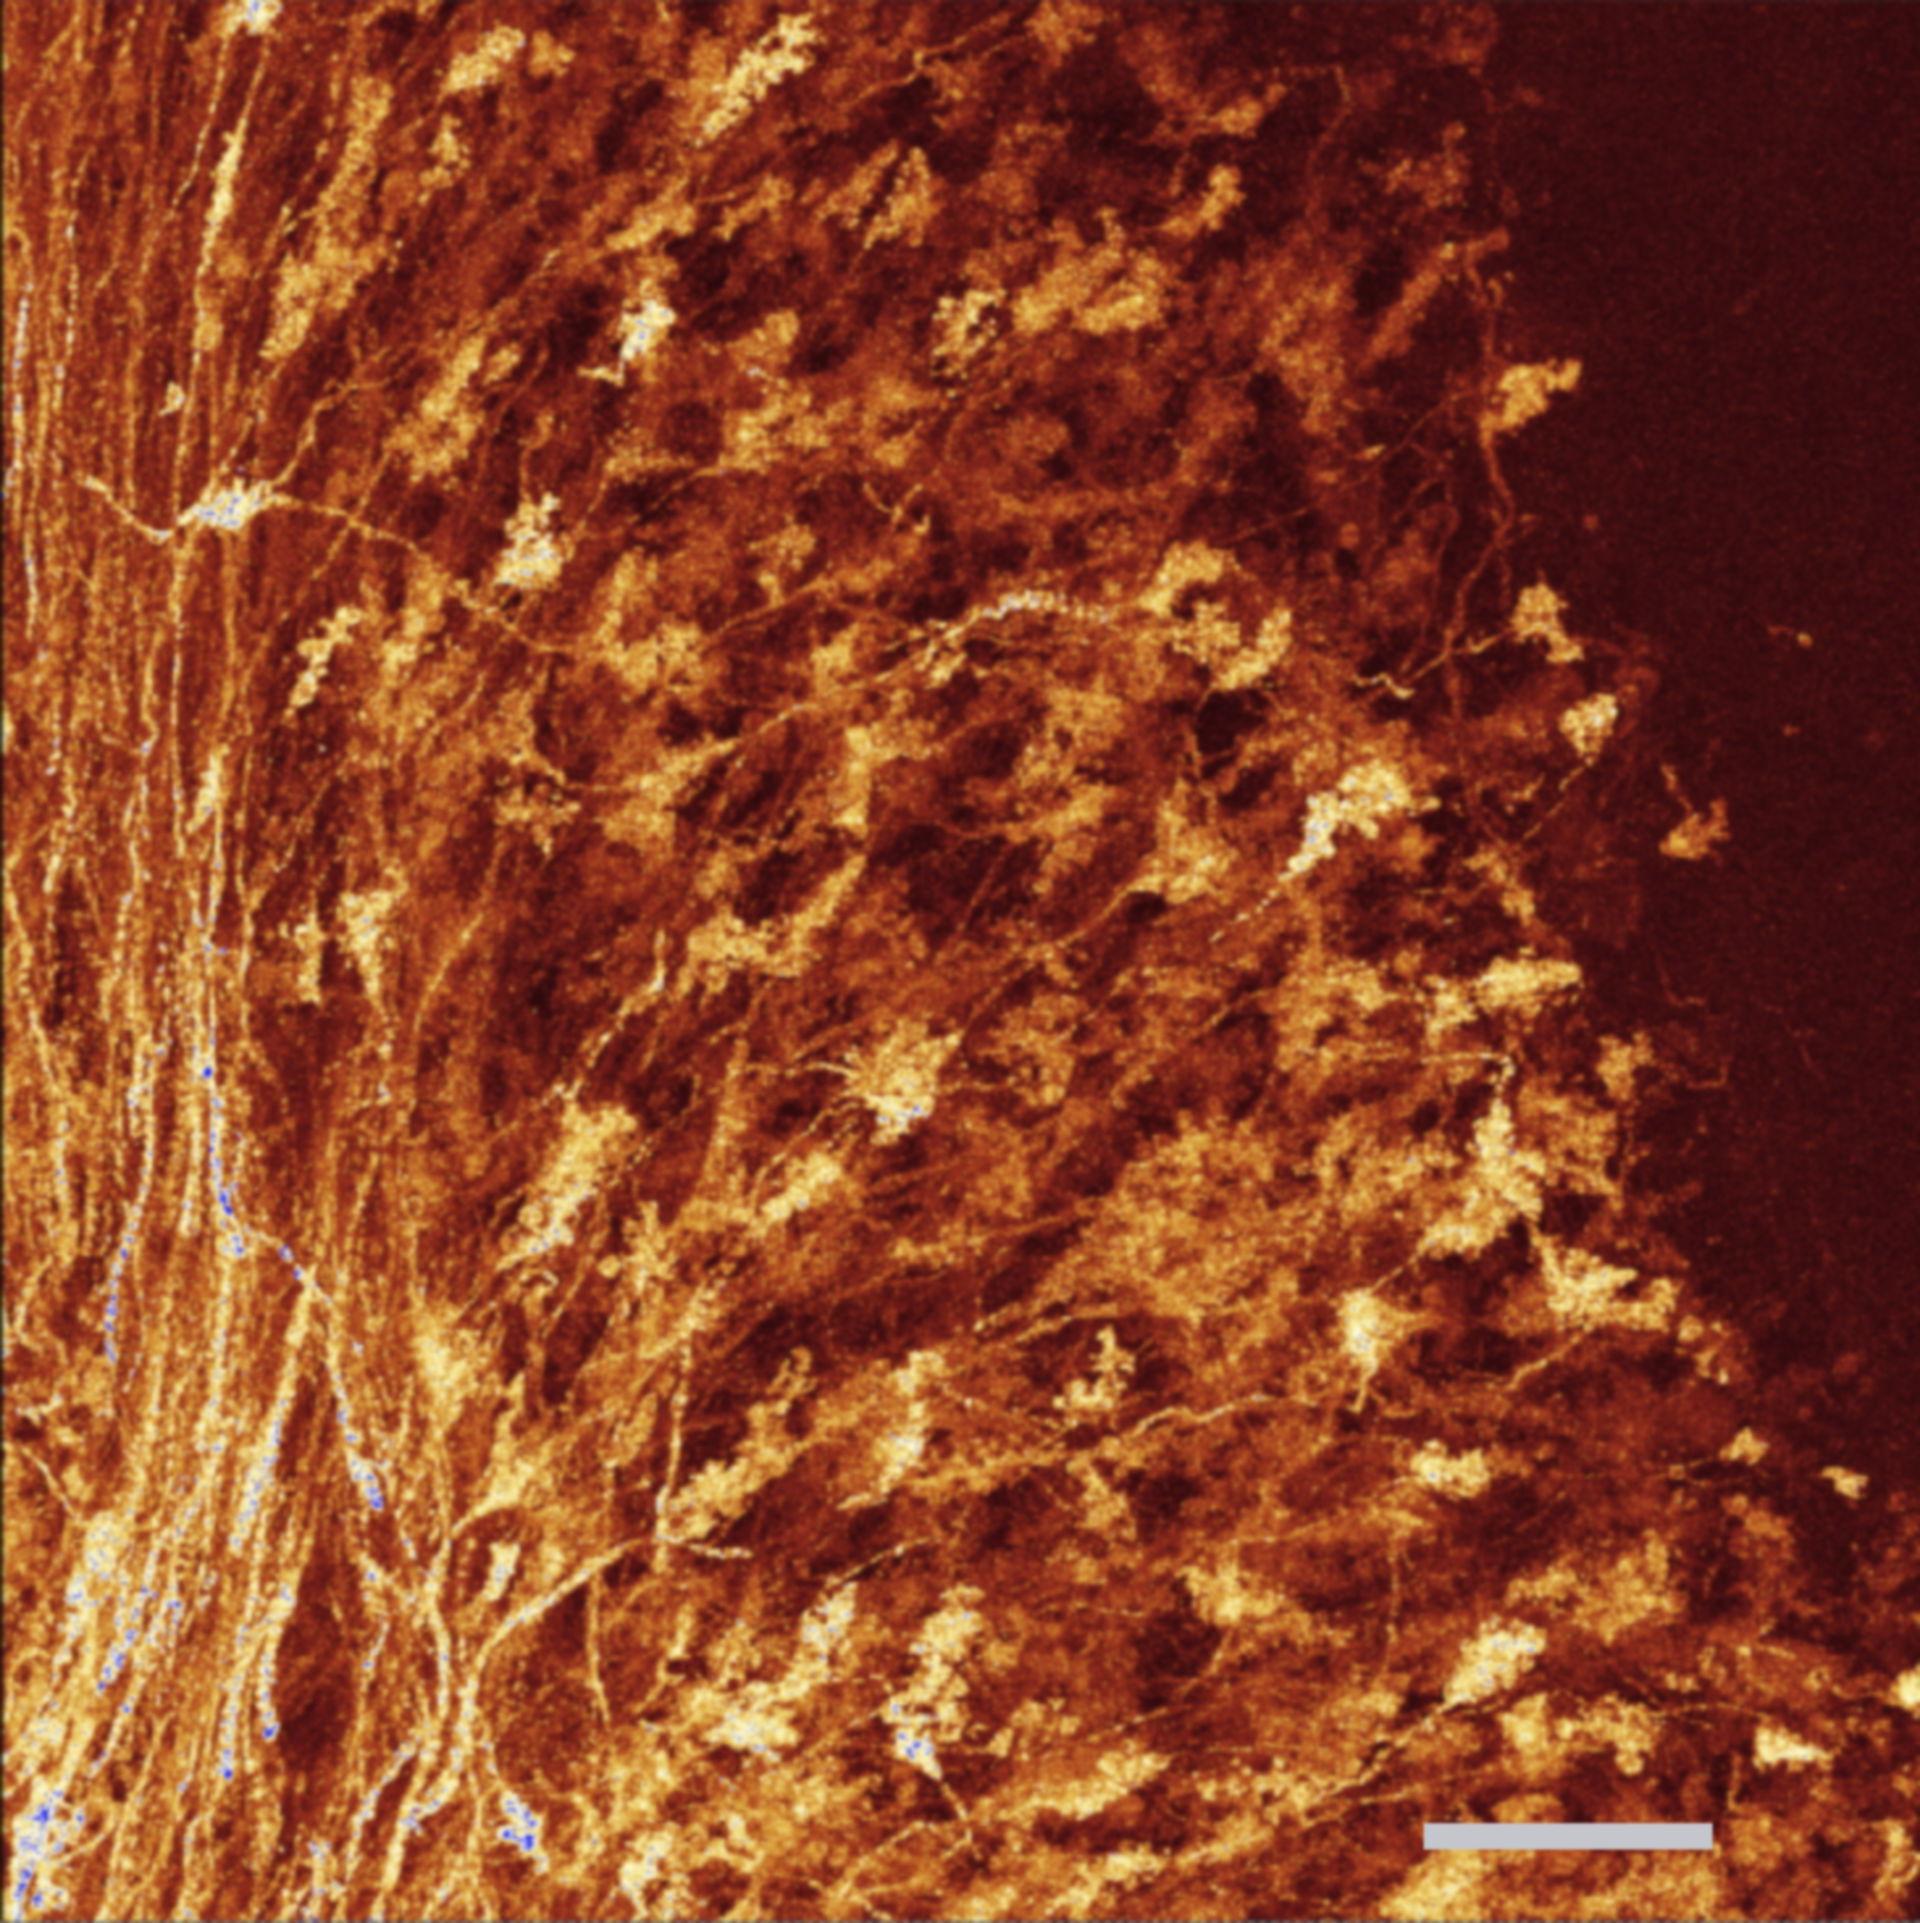 Moosfasern cerebellum